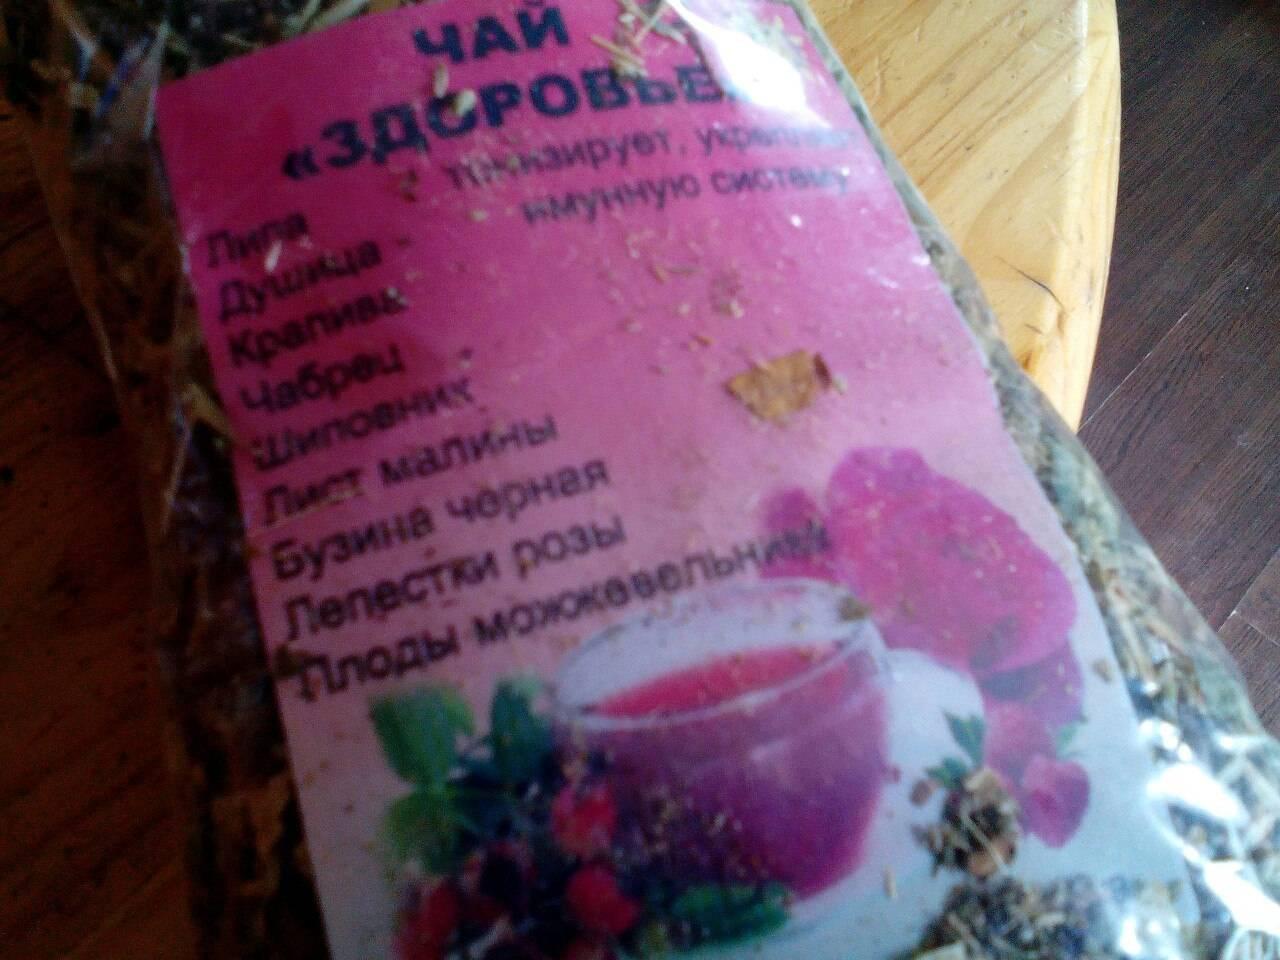 Какой чай лучше пить на ранних и поздних сроках беременности, можно ли заваривать травы?